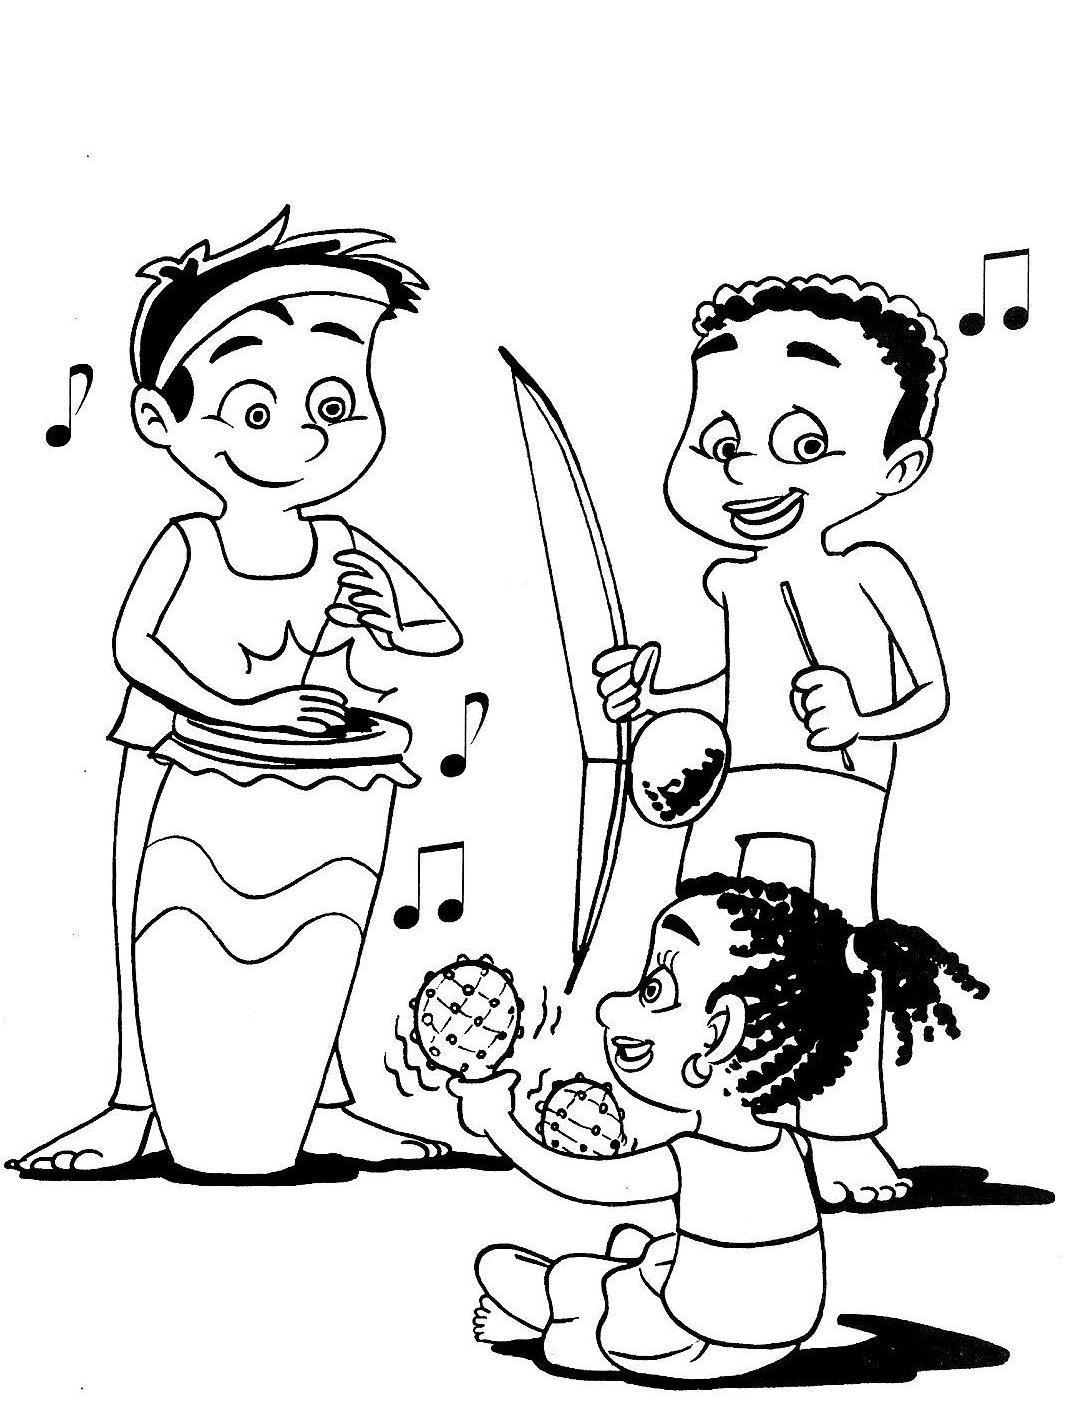 ARTES DA LIVIA: 13 maio · Abolição da Escravatura